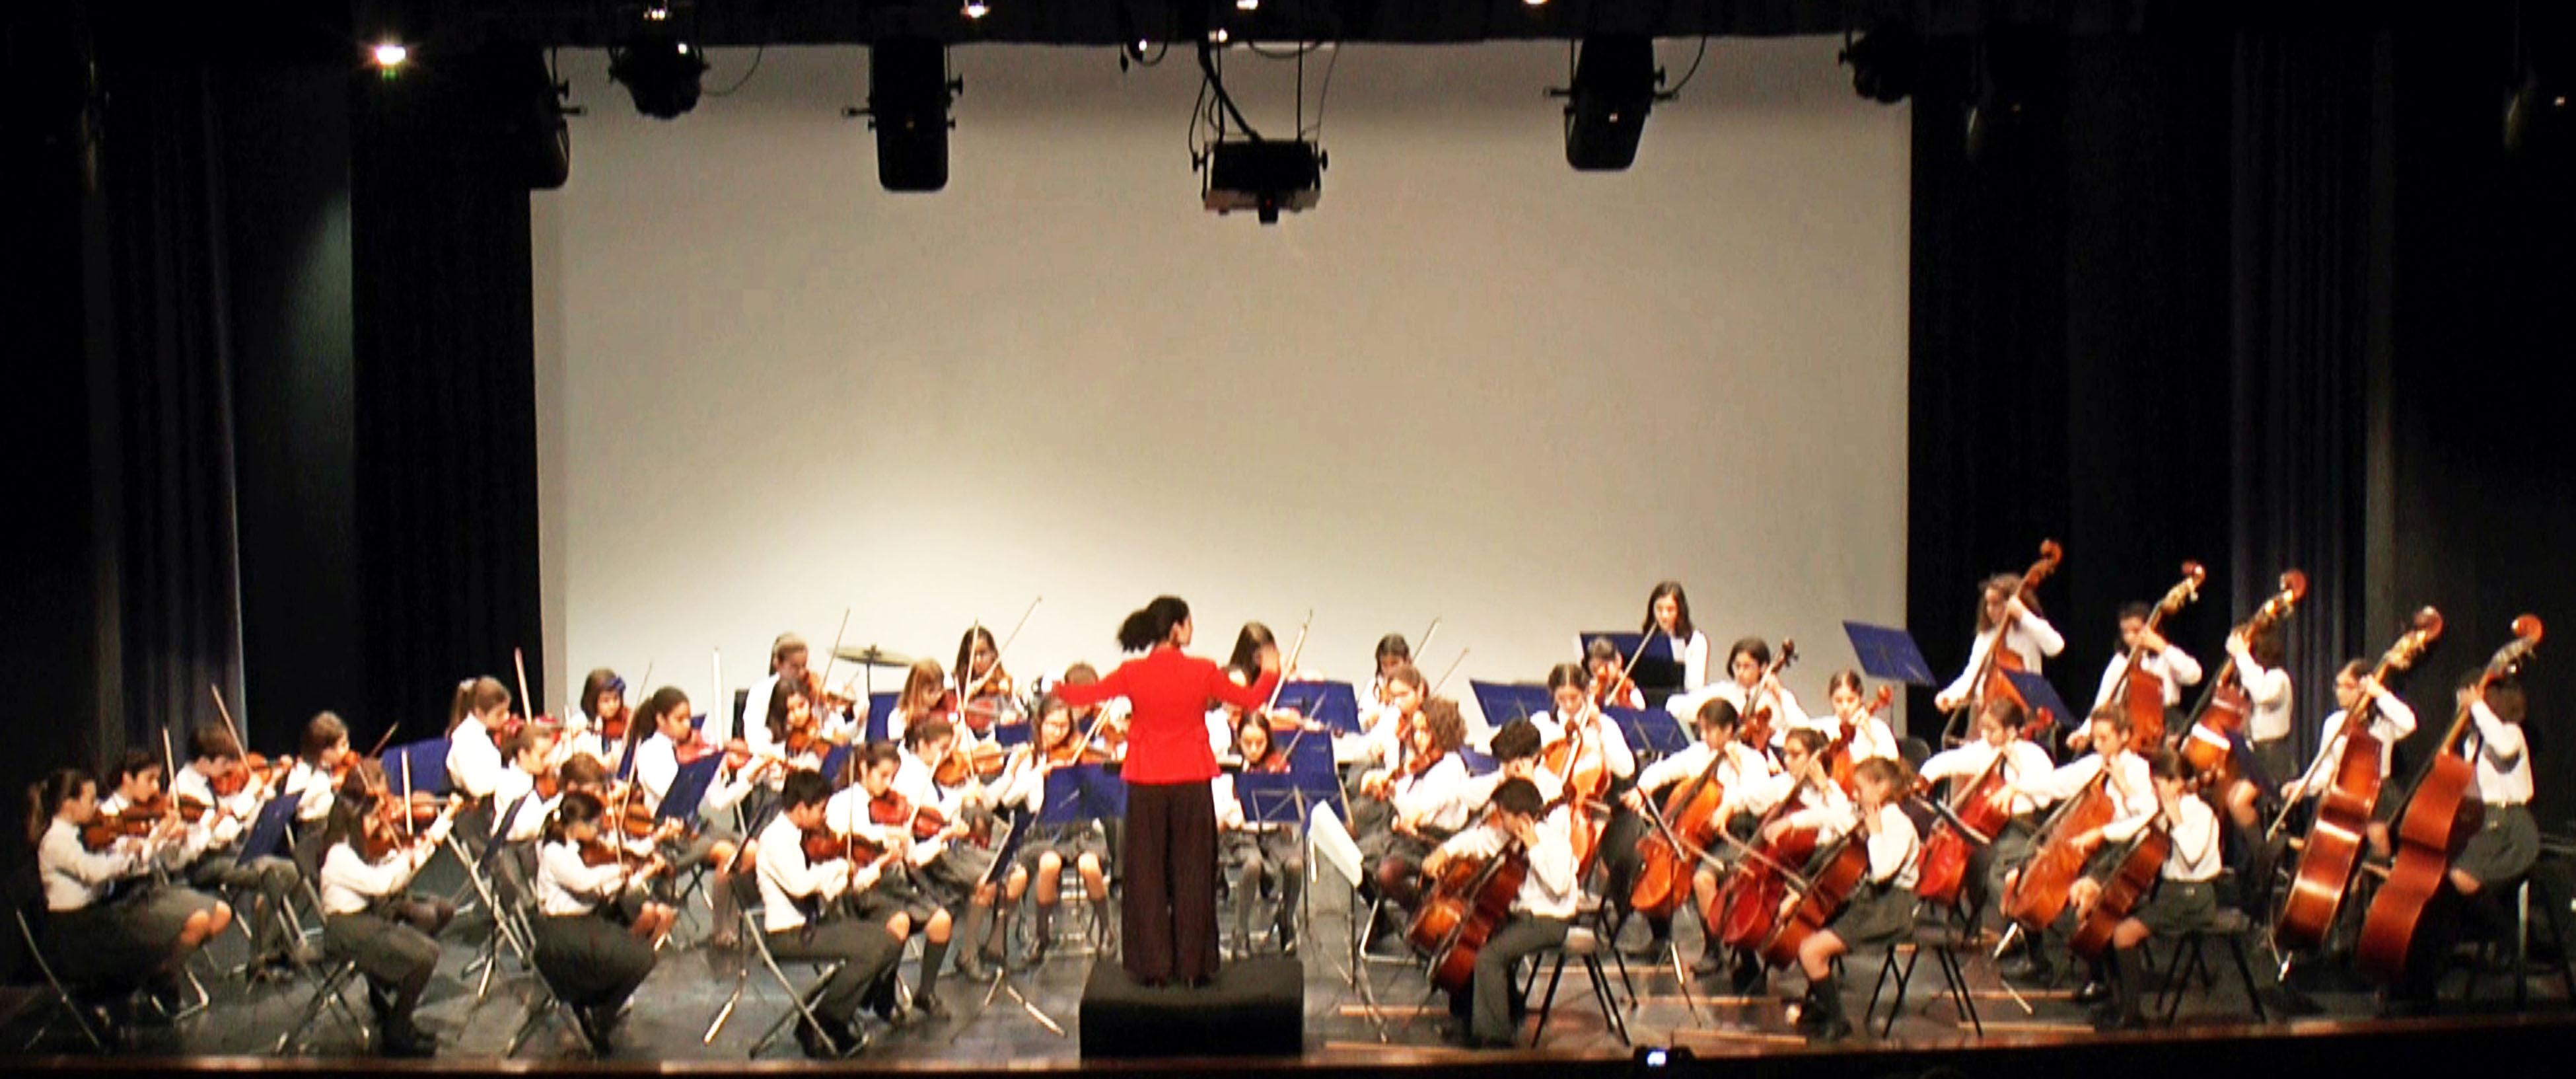 """Festival de Música """"Cidade de Almada"""" – Encontro de Coros e Ensembles Infantis"""